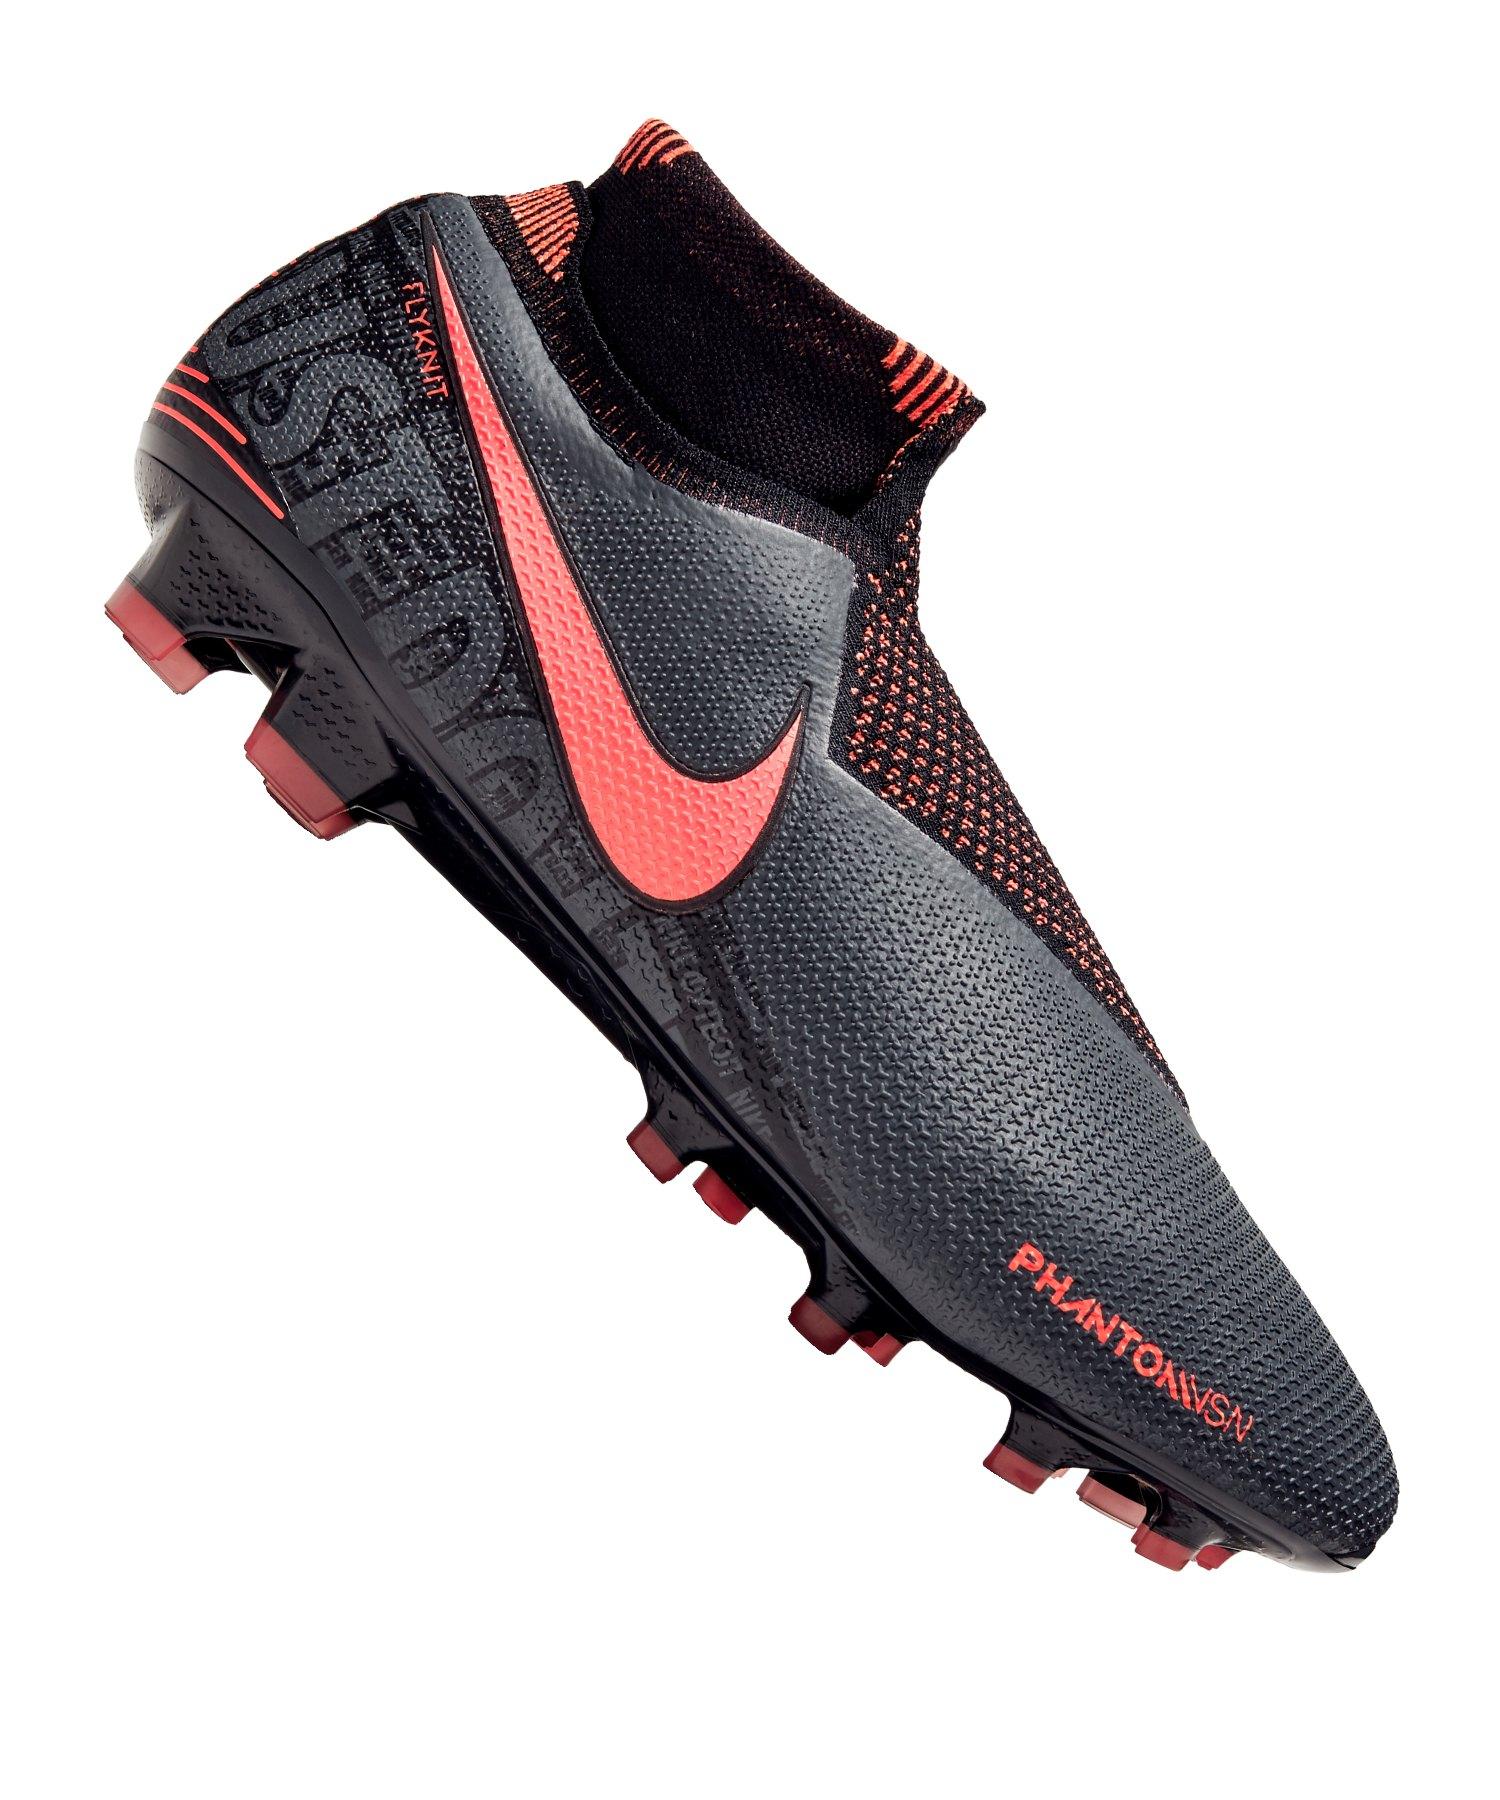 Nike Phantom Vision Elite FG Grau F080 - grau